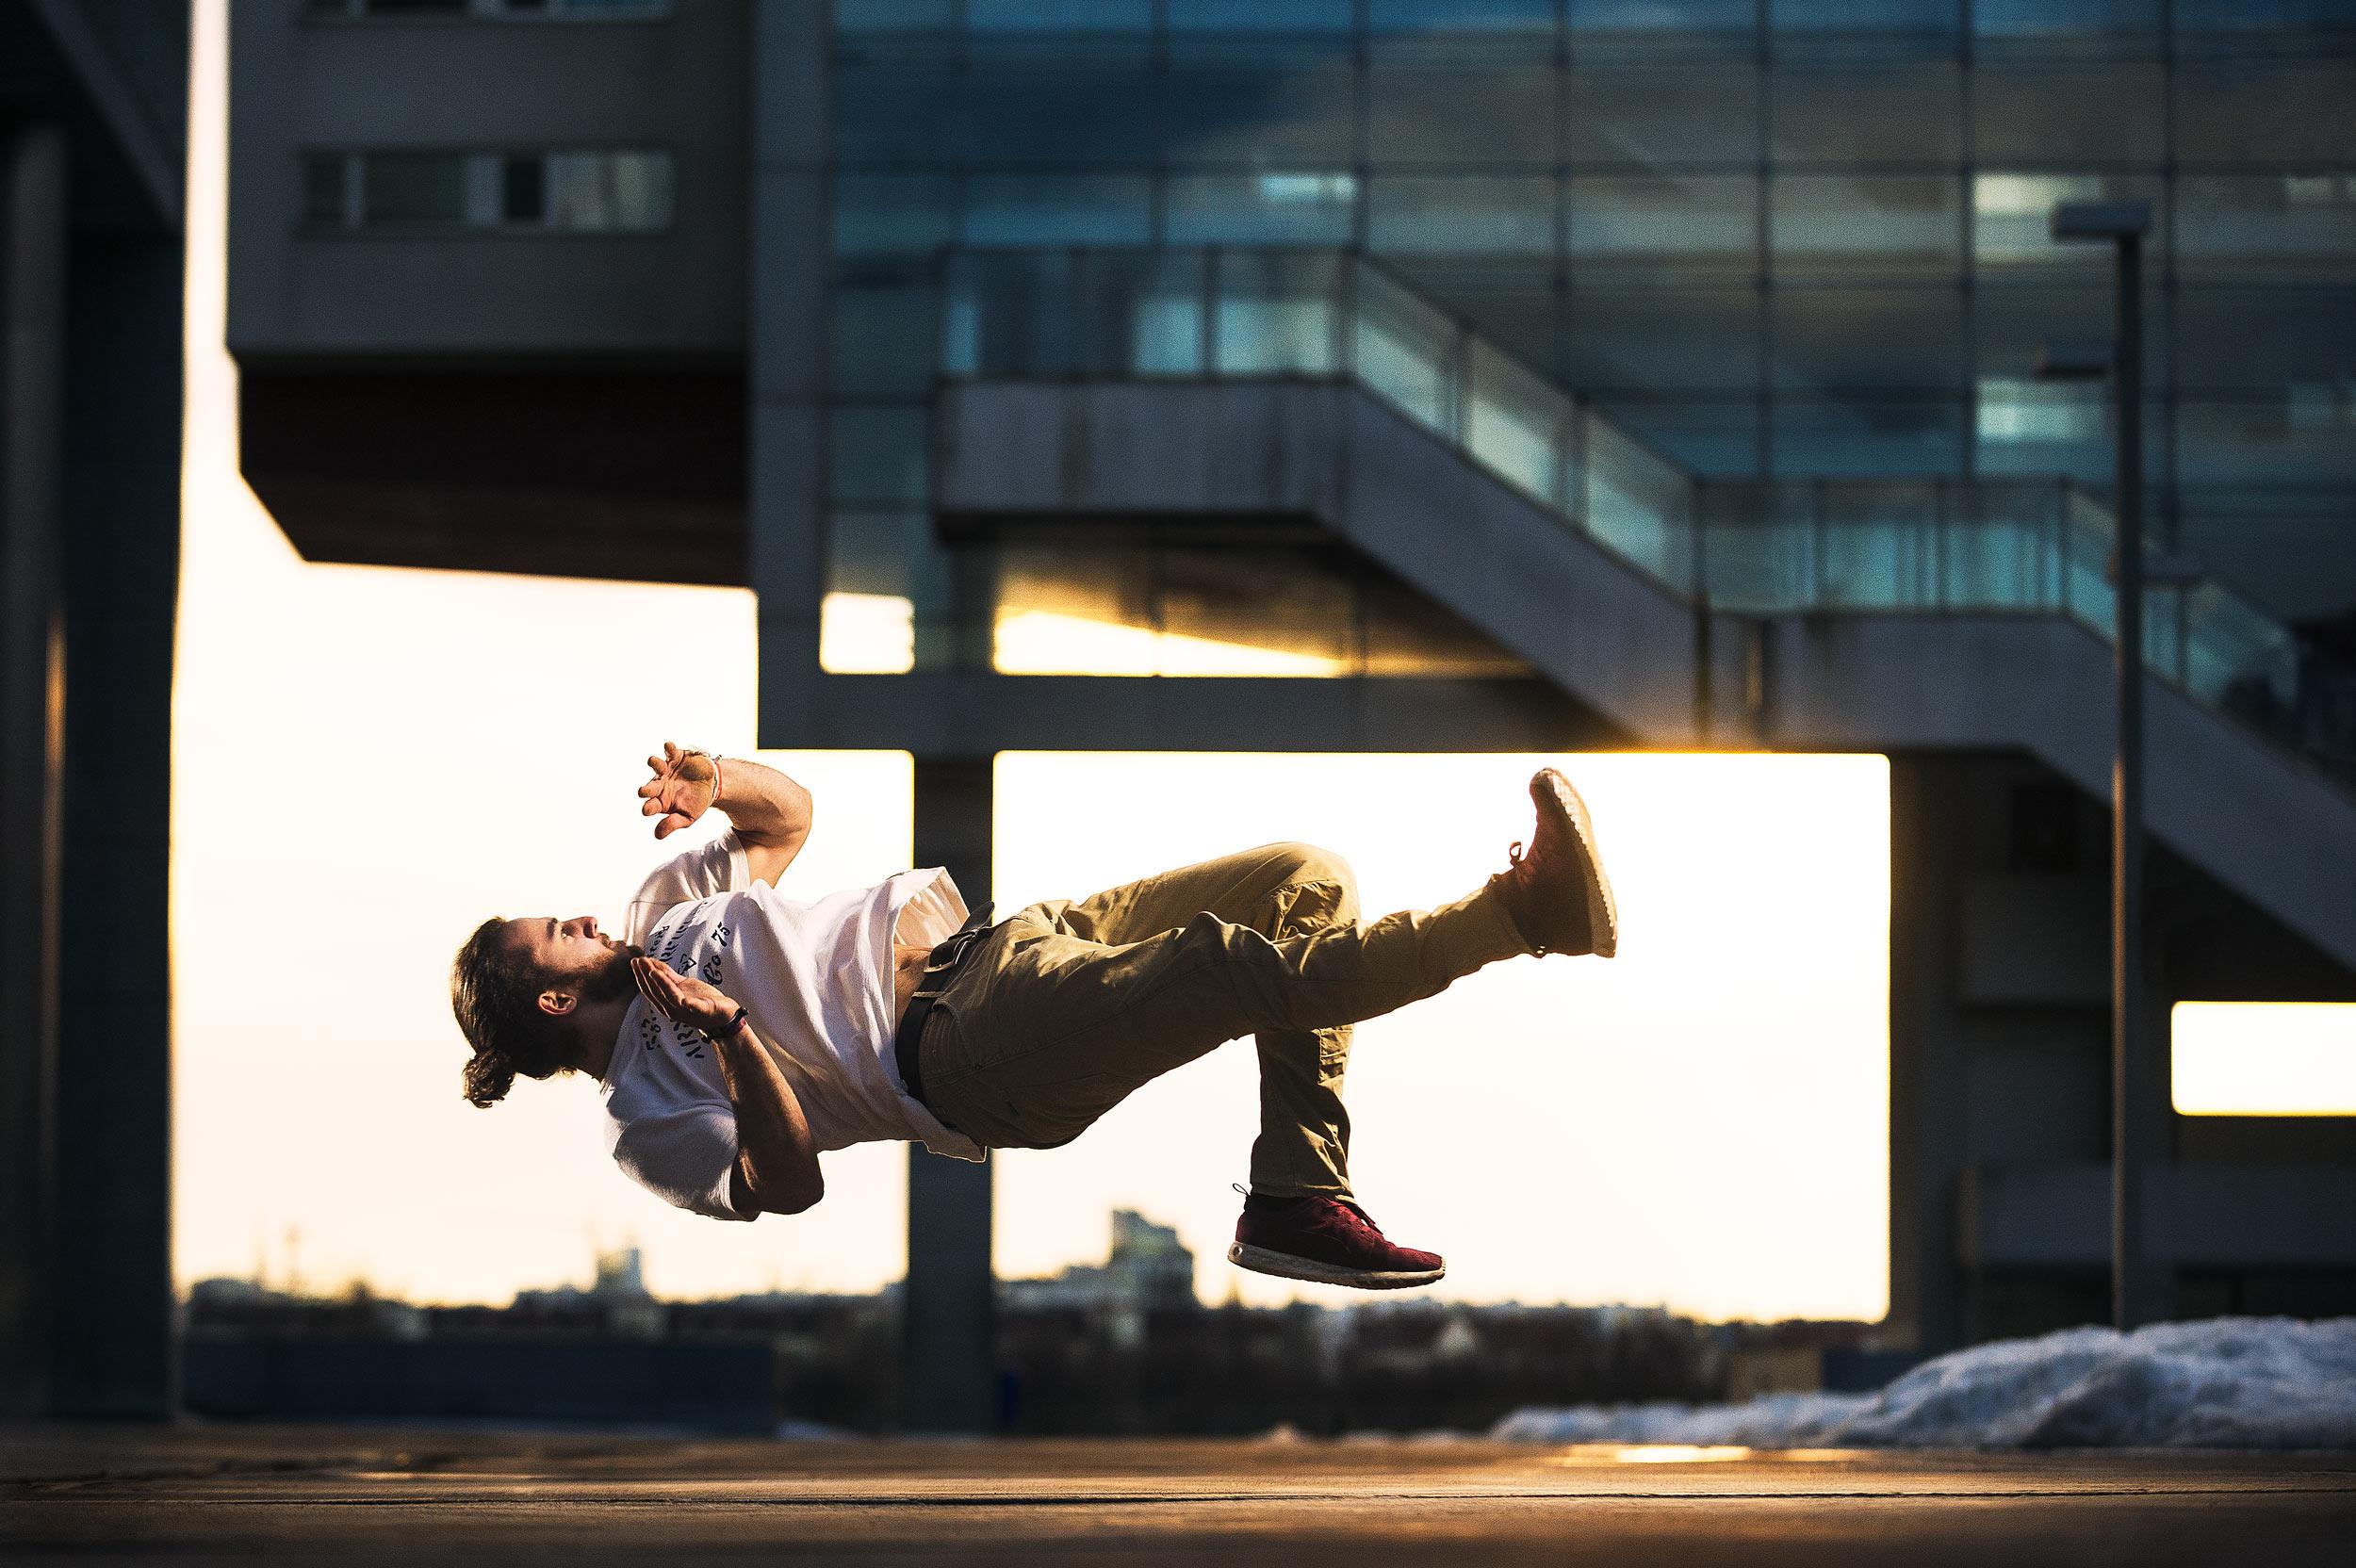 170205_Dance-Lifestyle_Maxi,-Hendrik_DSC4294-Bearbeitet_v2.jpg